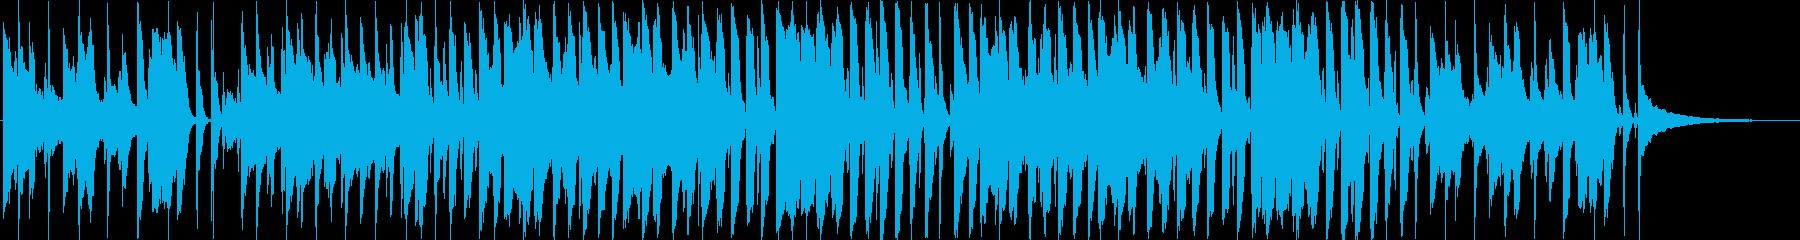 陽気で穏やかな口笛メロディのBGM♪の再生済みの波形